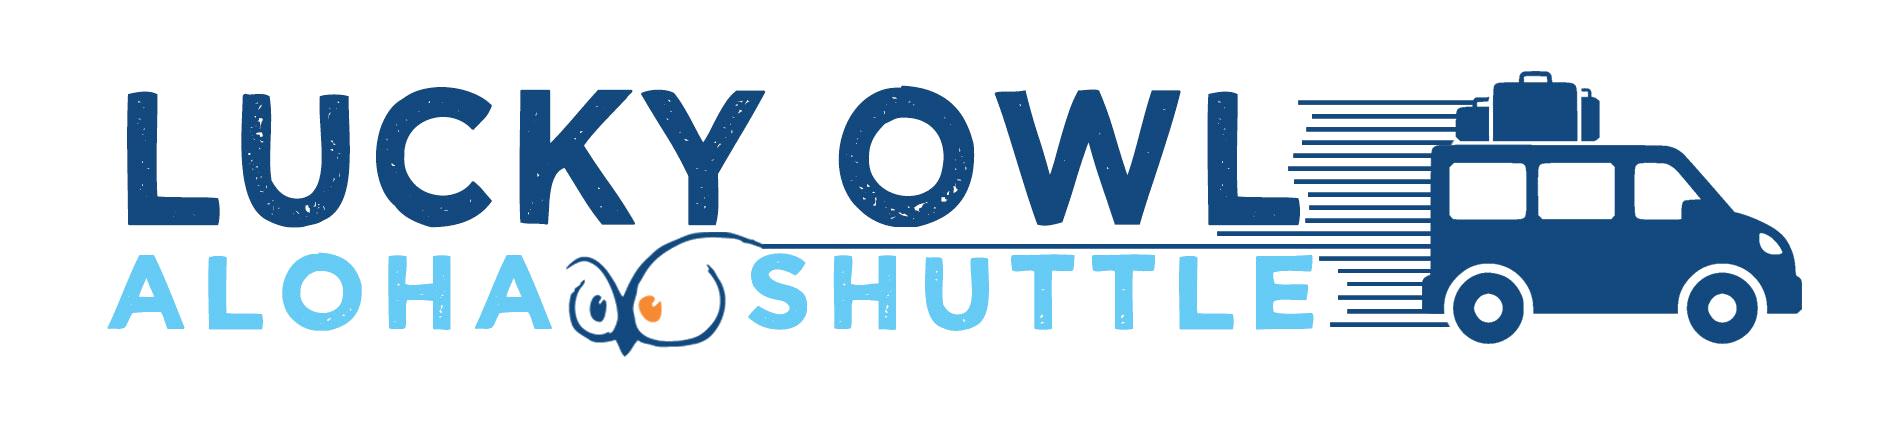 Lucky Owl Aloha Shuttle